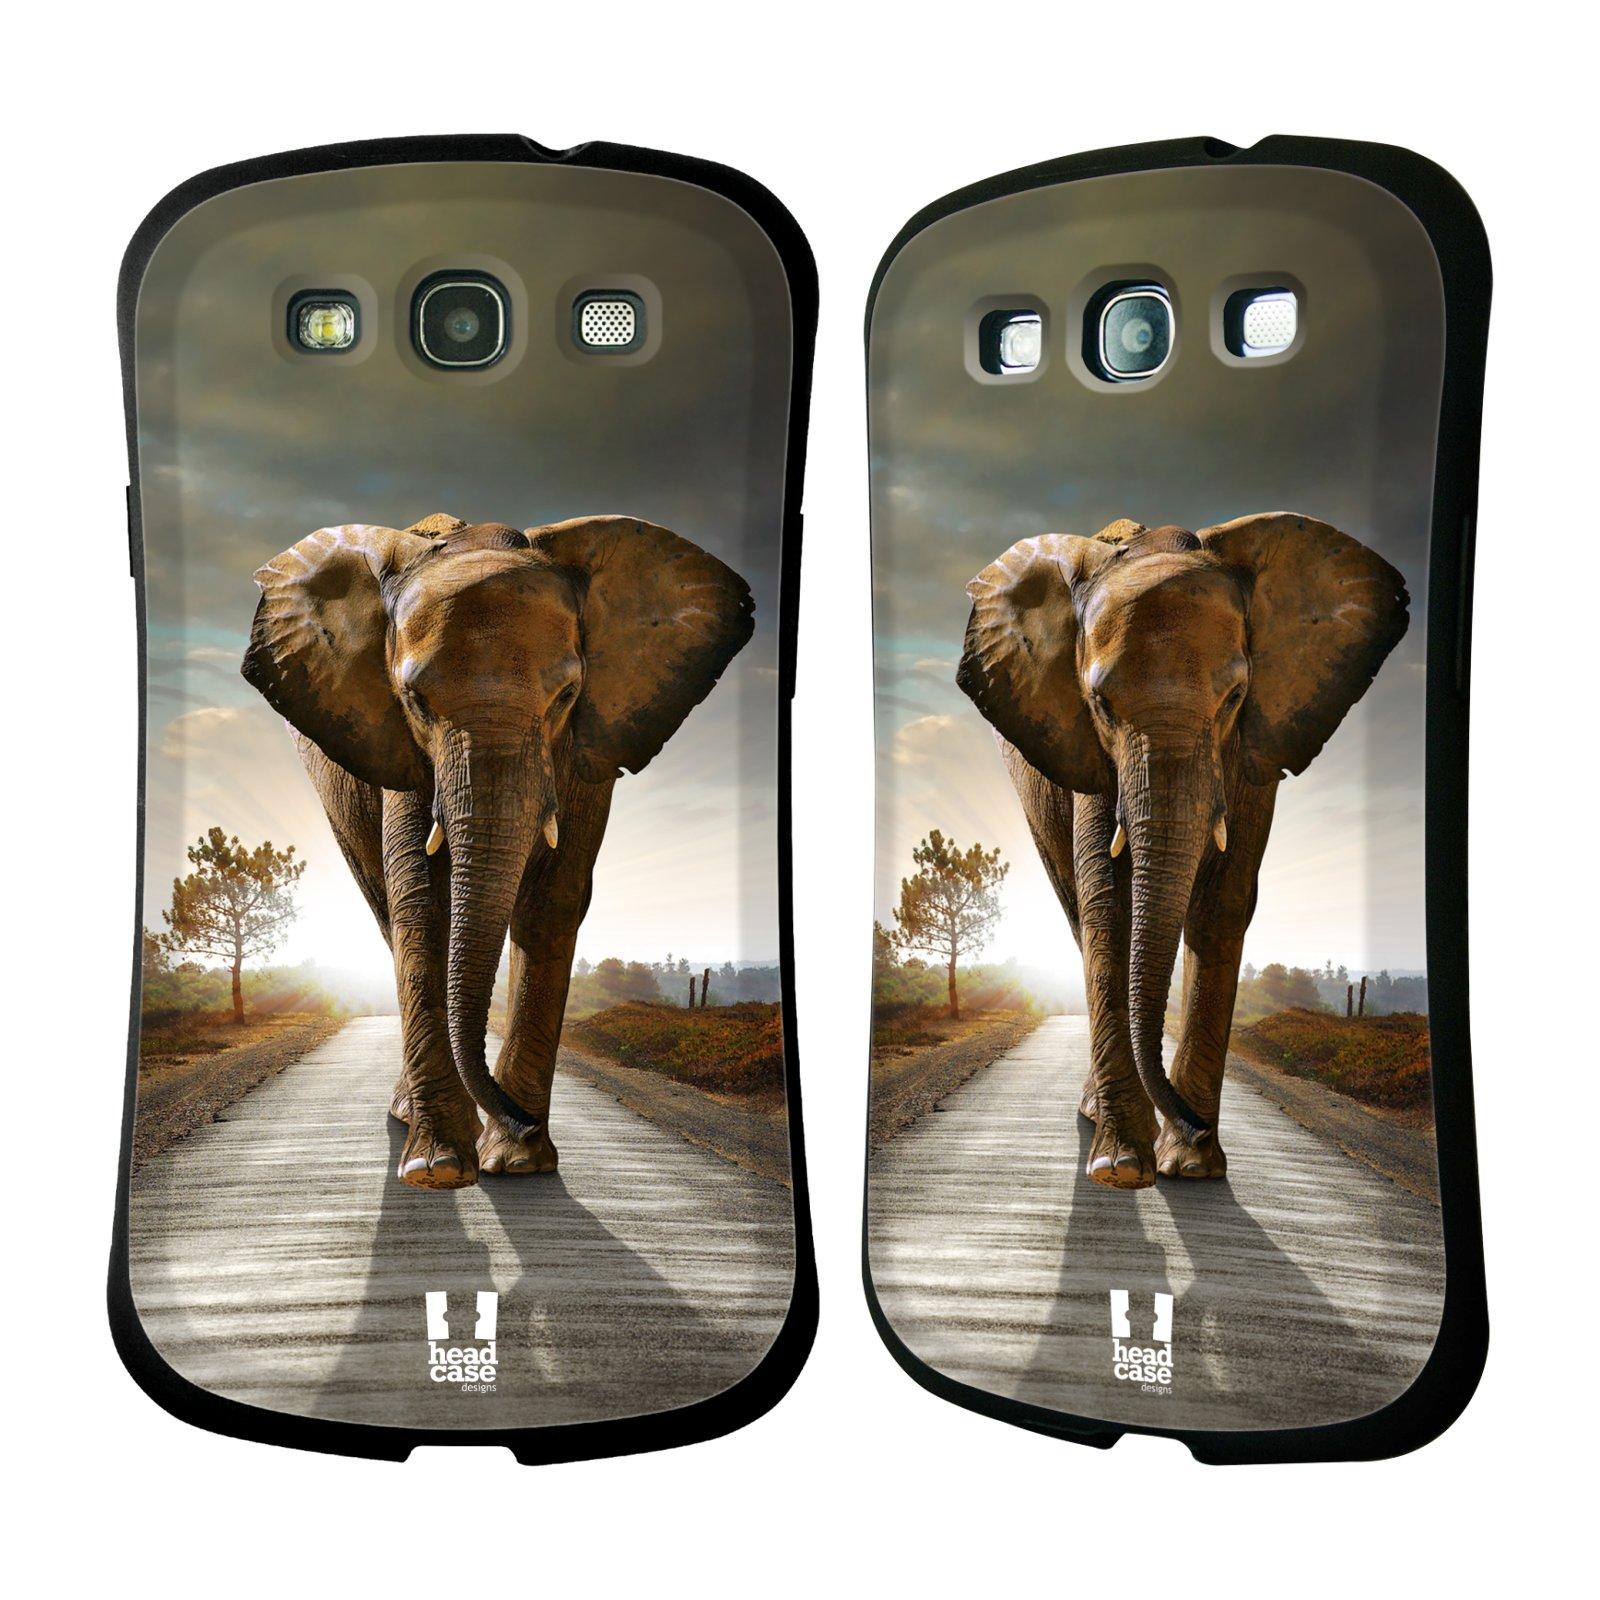 HEAD CASE silikon/plast odolný obal na mobil Samsung Galaxy S3 vzor Divočina, Divoký život a zvířata foto AFRIKA KRÁČEJÍCI SLON